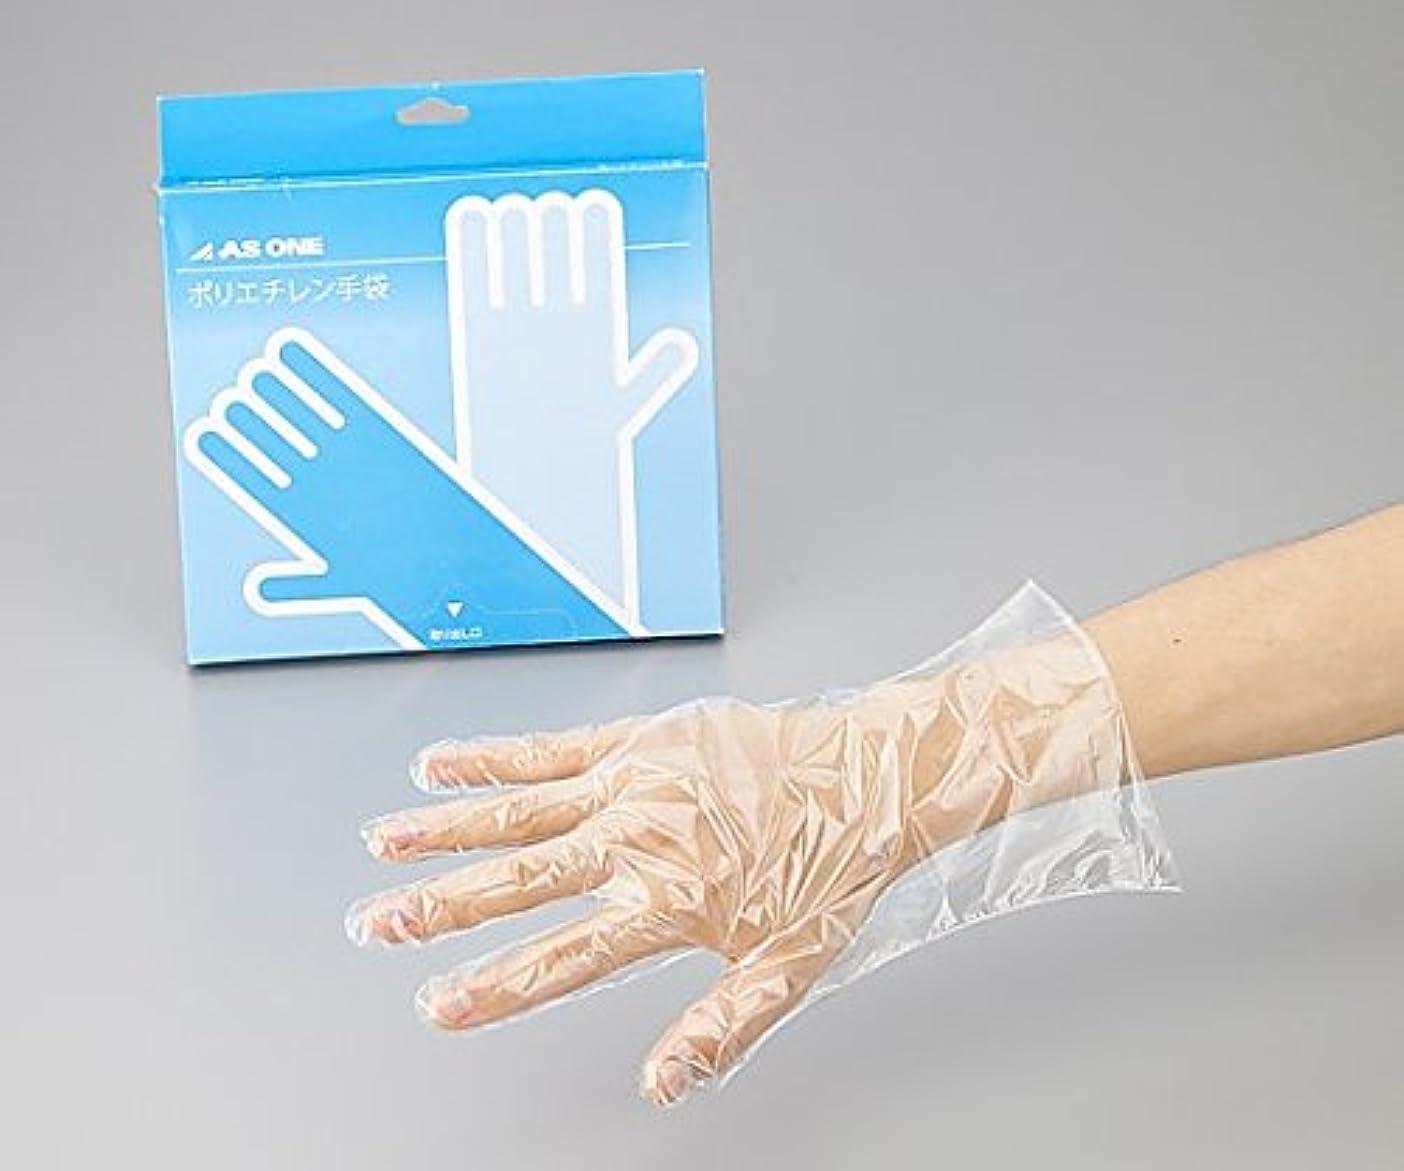 信頼できるパークおしゃれなアズワン2-4972-02ポリエチレン手袋エコノミー薄手M100枚入